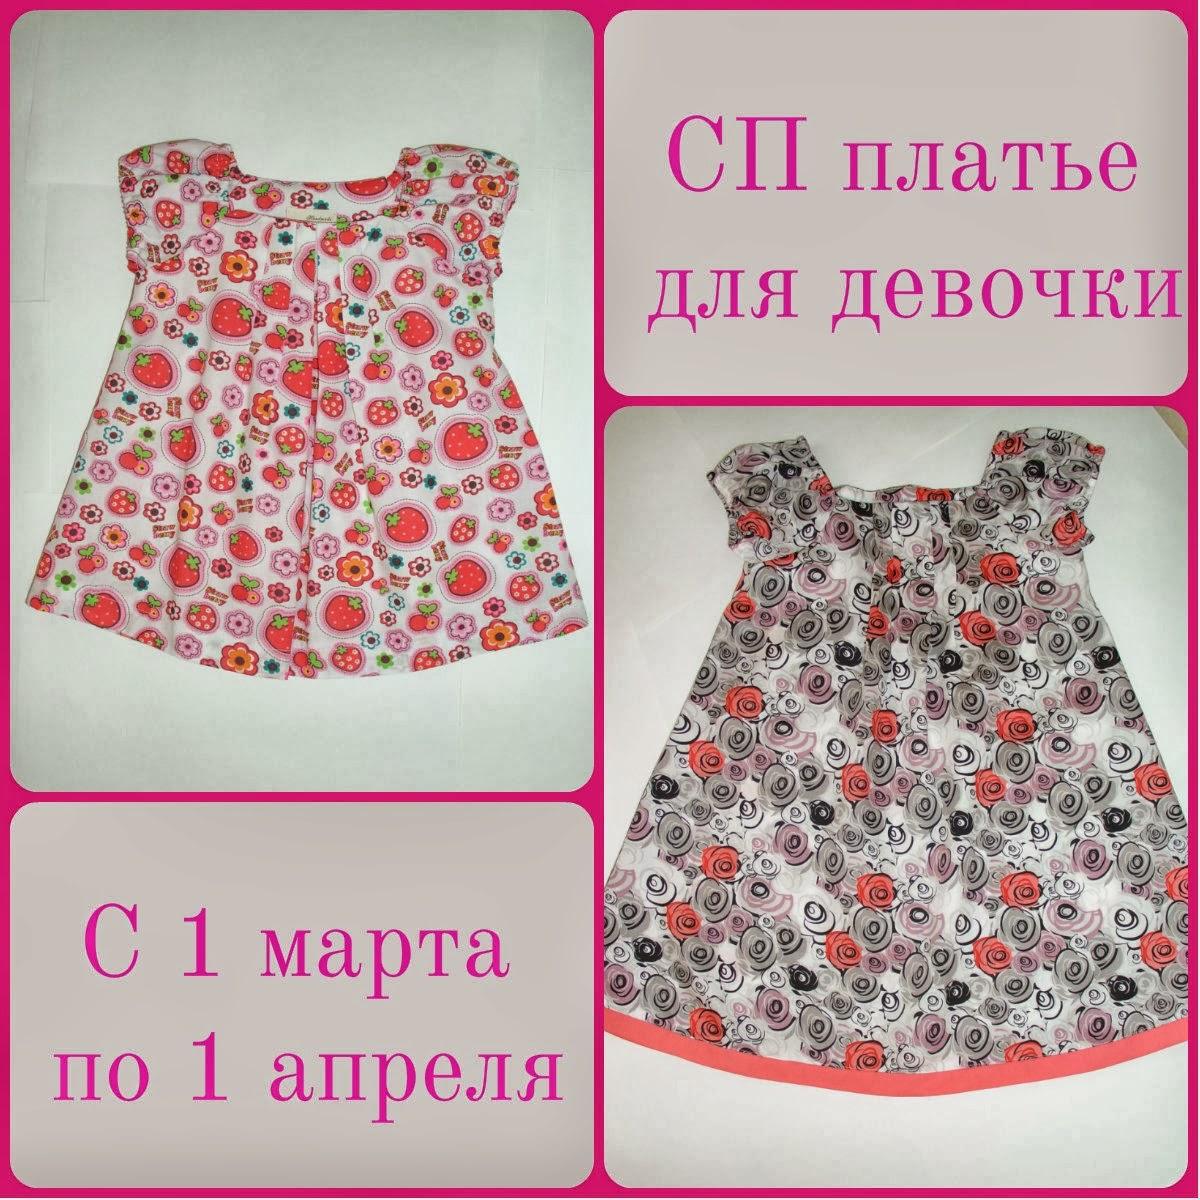 СП Платье для девочки